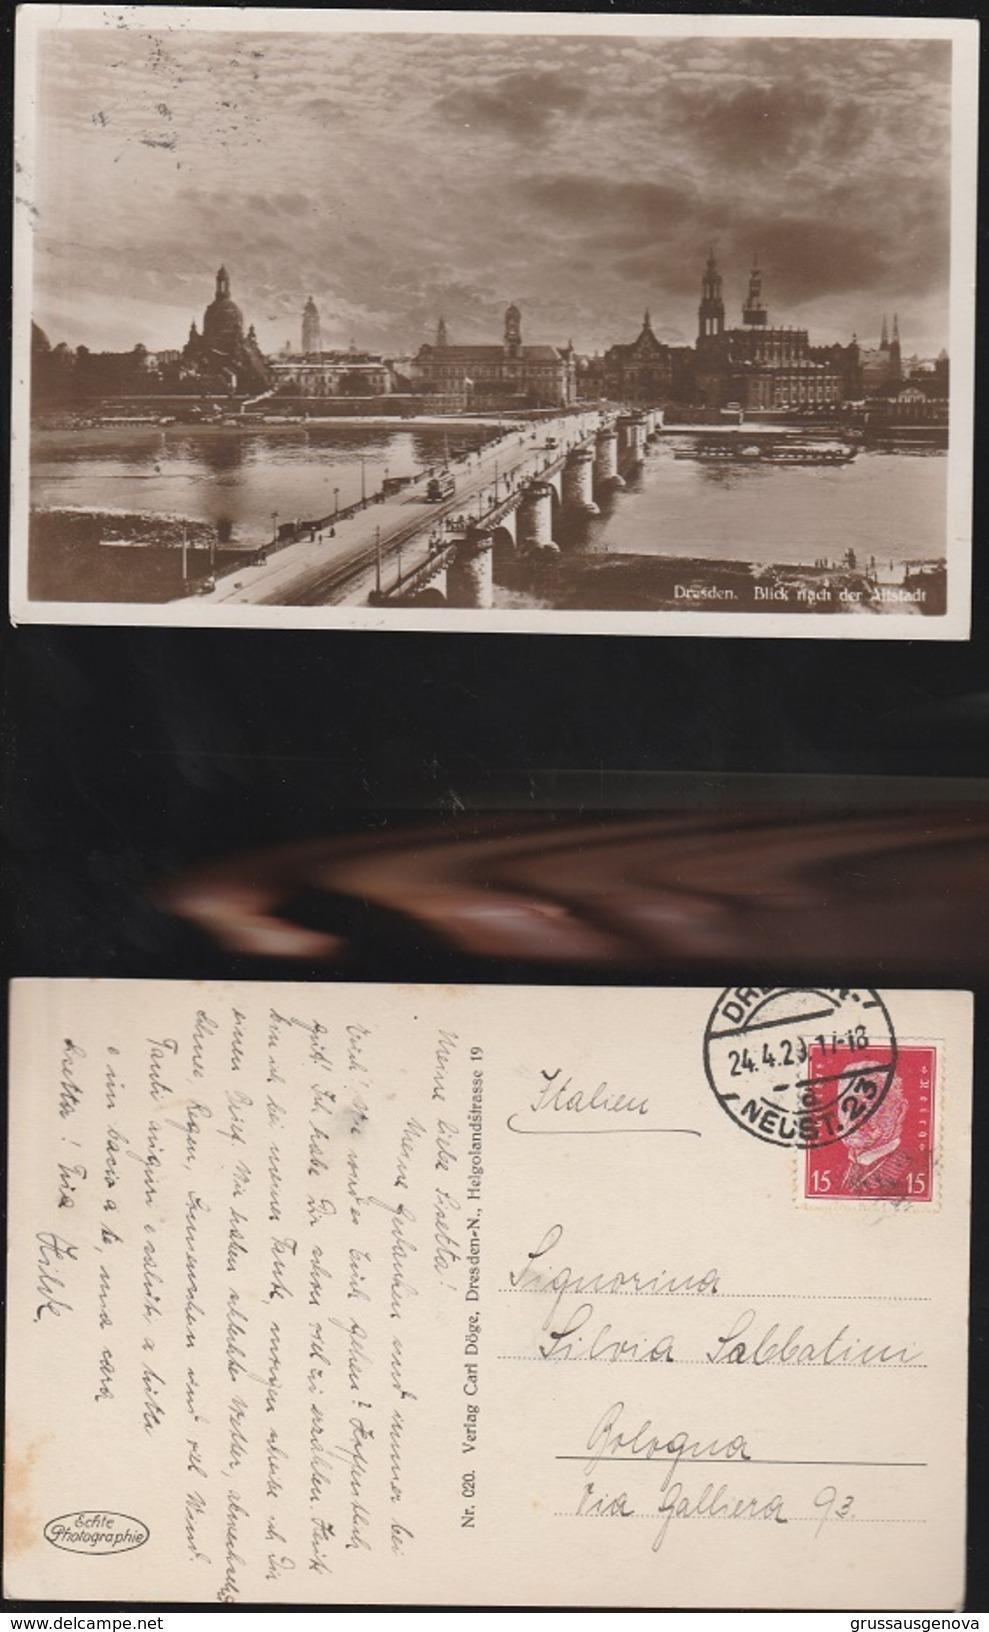 13038) DRESDEN BLICK NACH DER ALTSTADT VIAGGIATA 1929 - Dresden